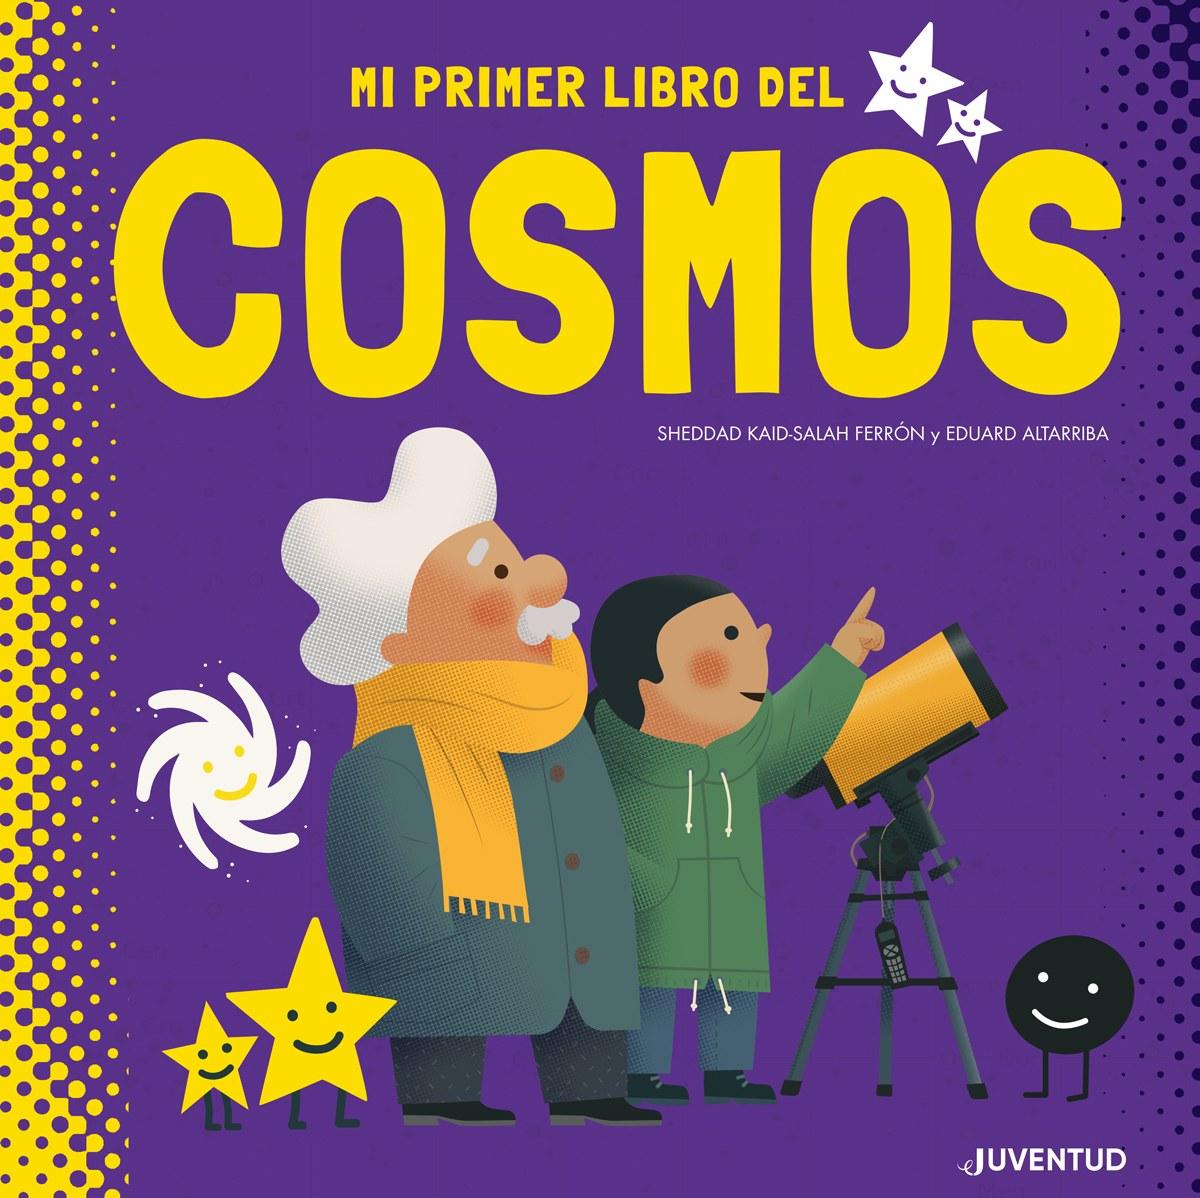 Mi primer libro del Cosmos